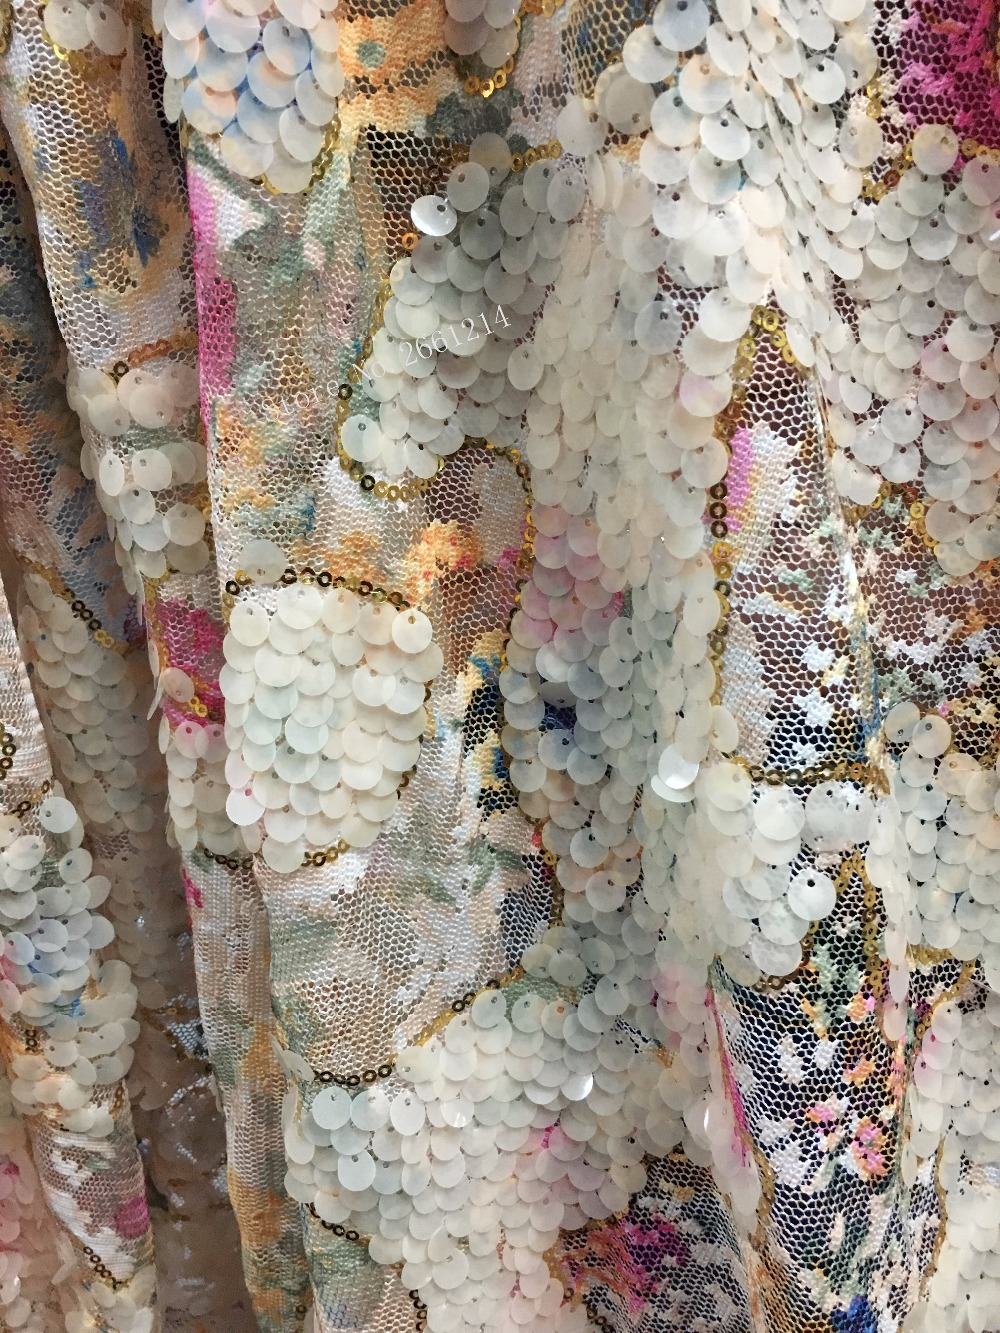 Ev ve Bahçe'ten Dantel'de Afrika Işlemeli payetler Dantel Kumaş 5 yards fransız glitter dantel kumaş yüksek kalite afrika tül dantel kumaş BZL 0110'da  Grup 1